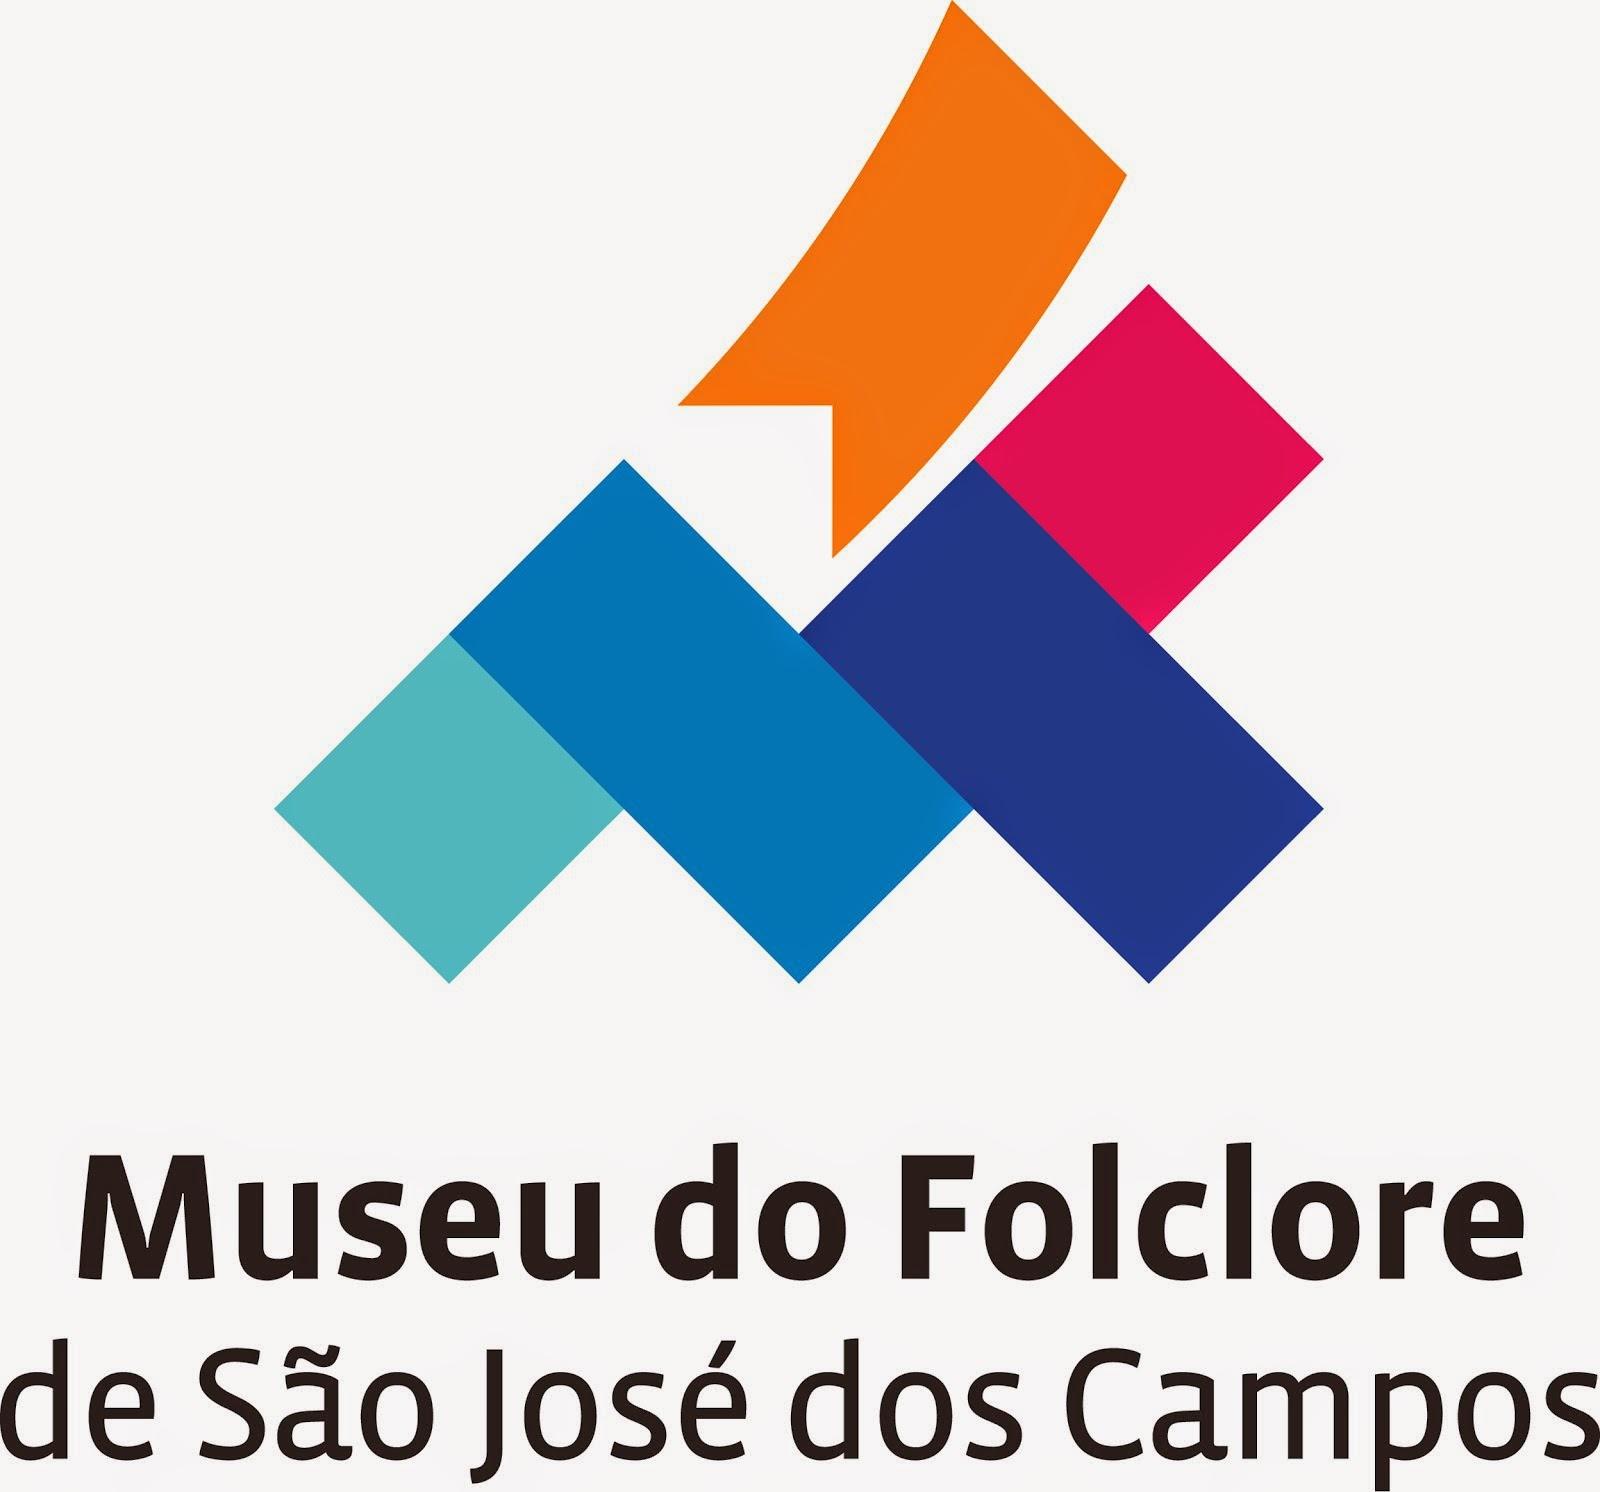 CONHEÇA O SITE DO MUSEU DO FOLCLORE